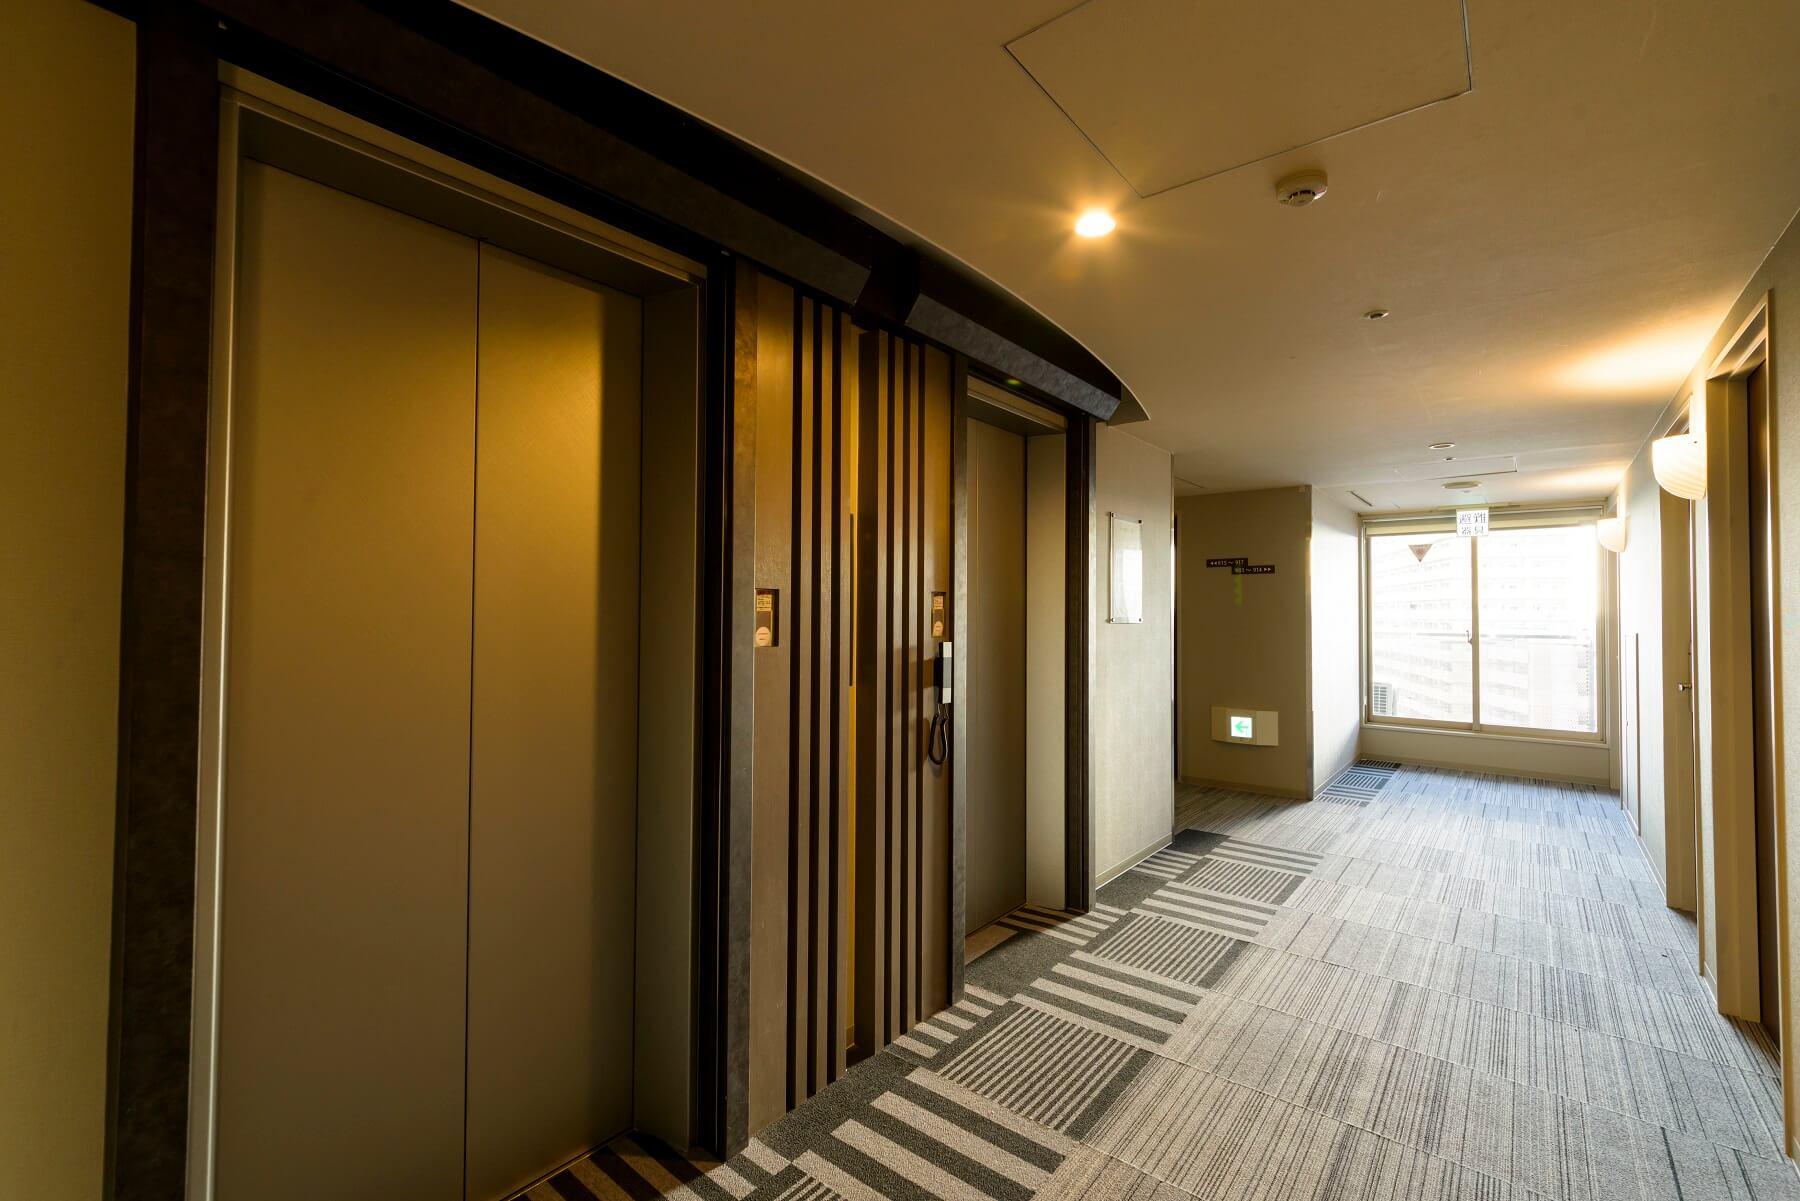 客室フロアエレベーターホール